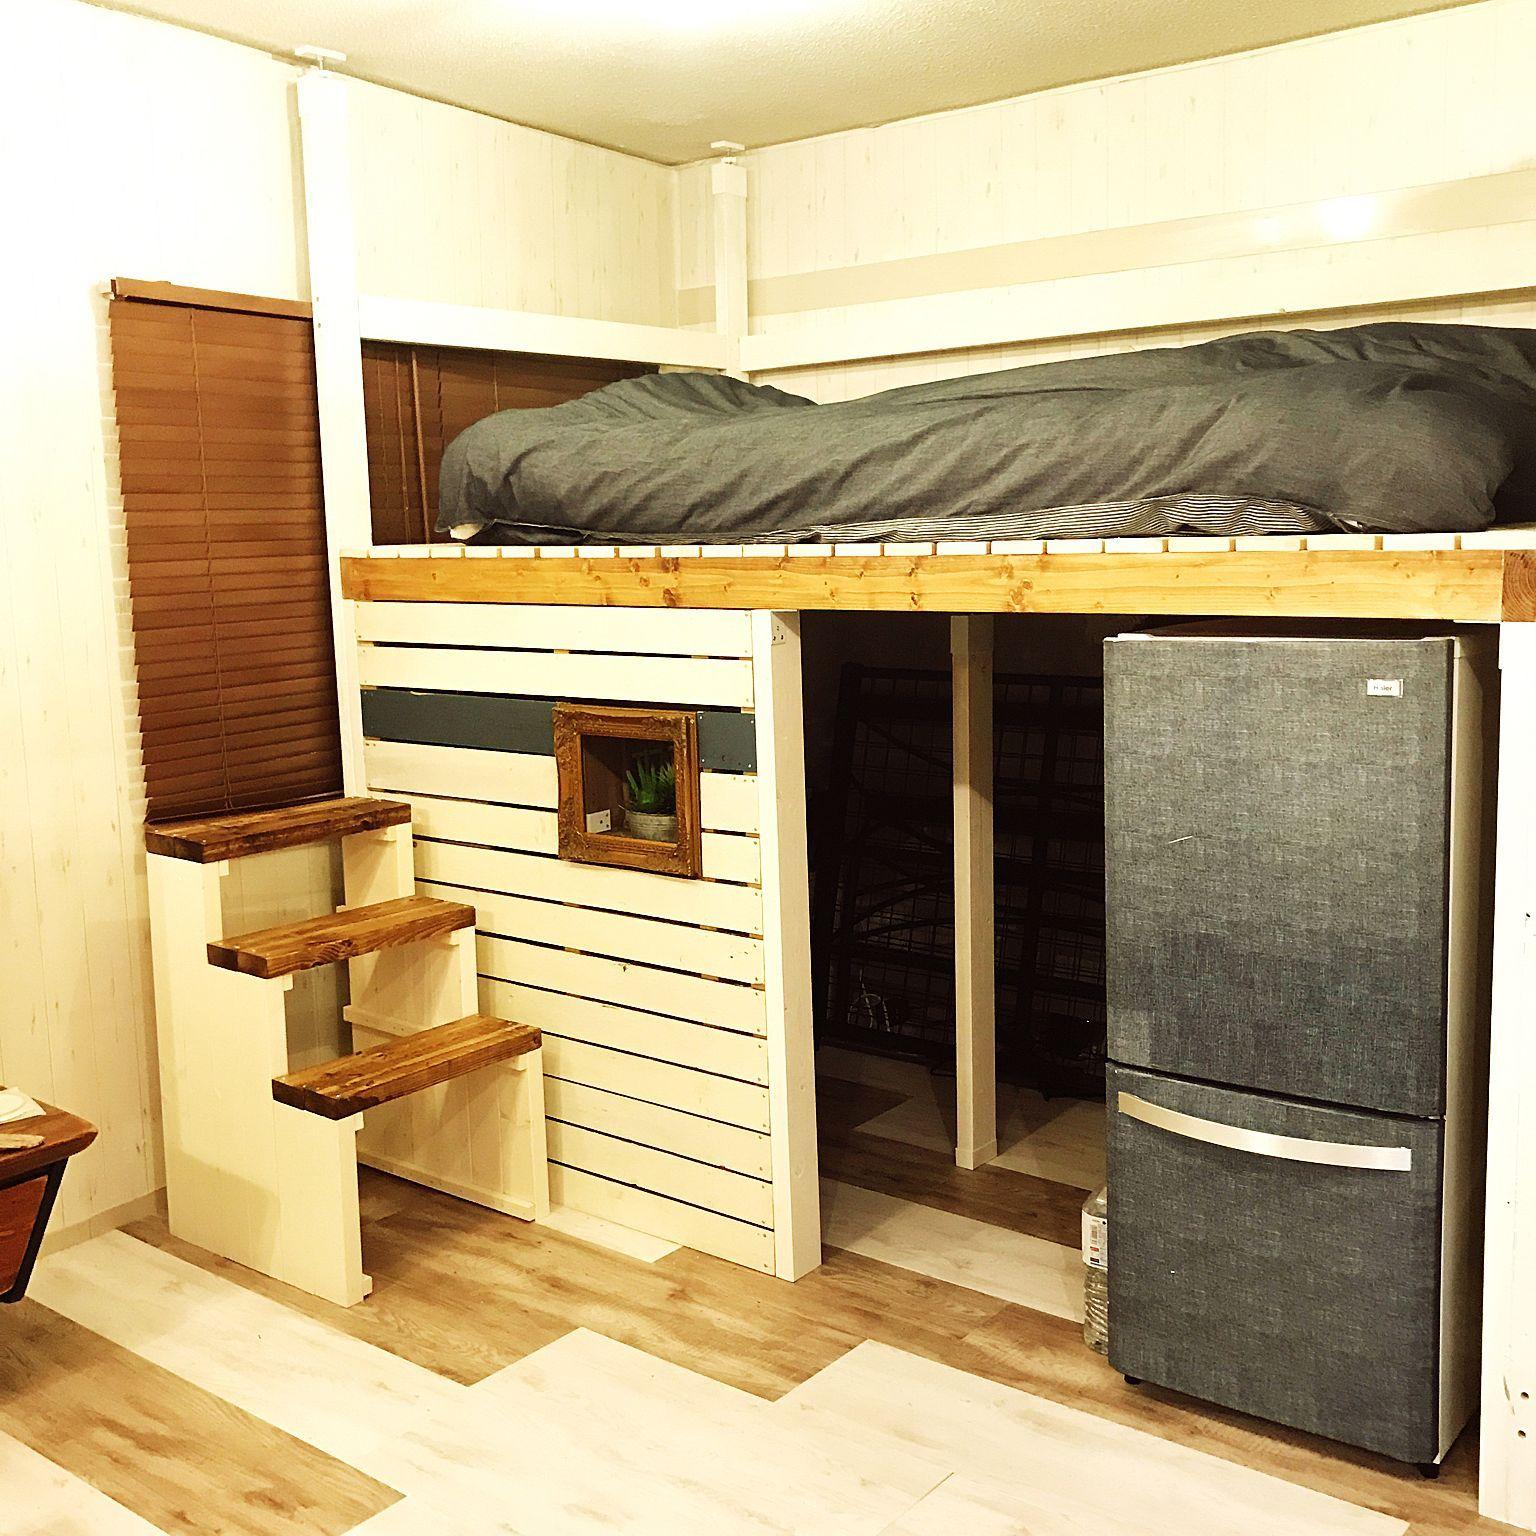 ベッド周り 2 4 ハンドメイド Diy 2 4材 などのインテリア実例